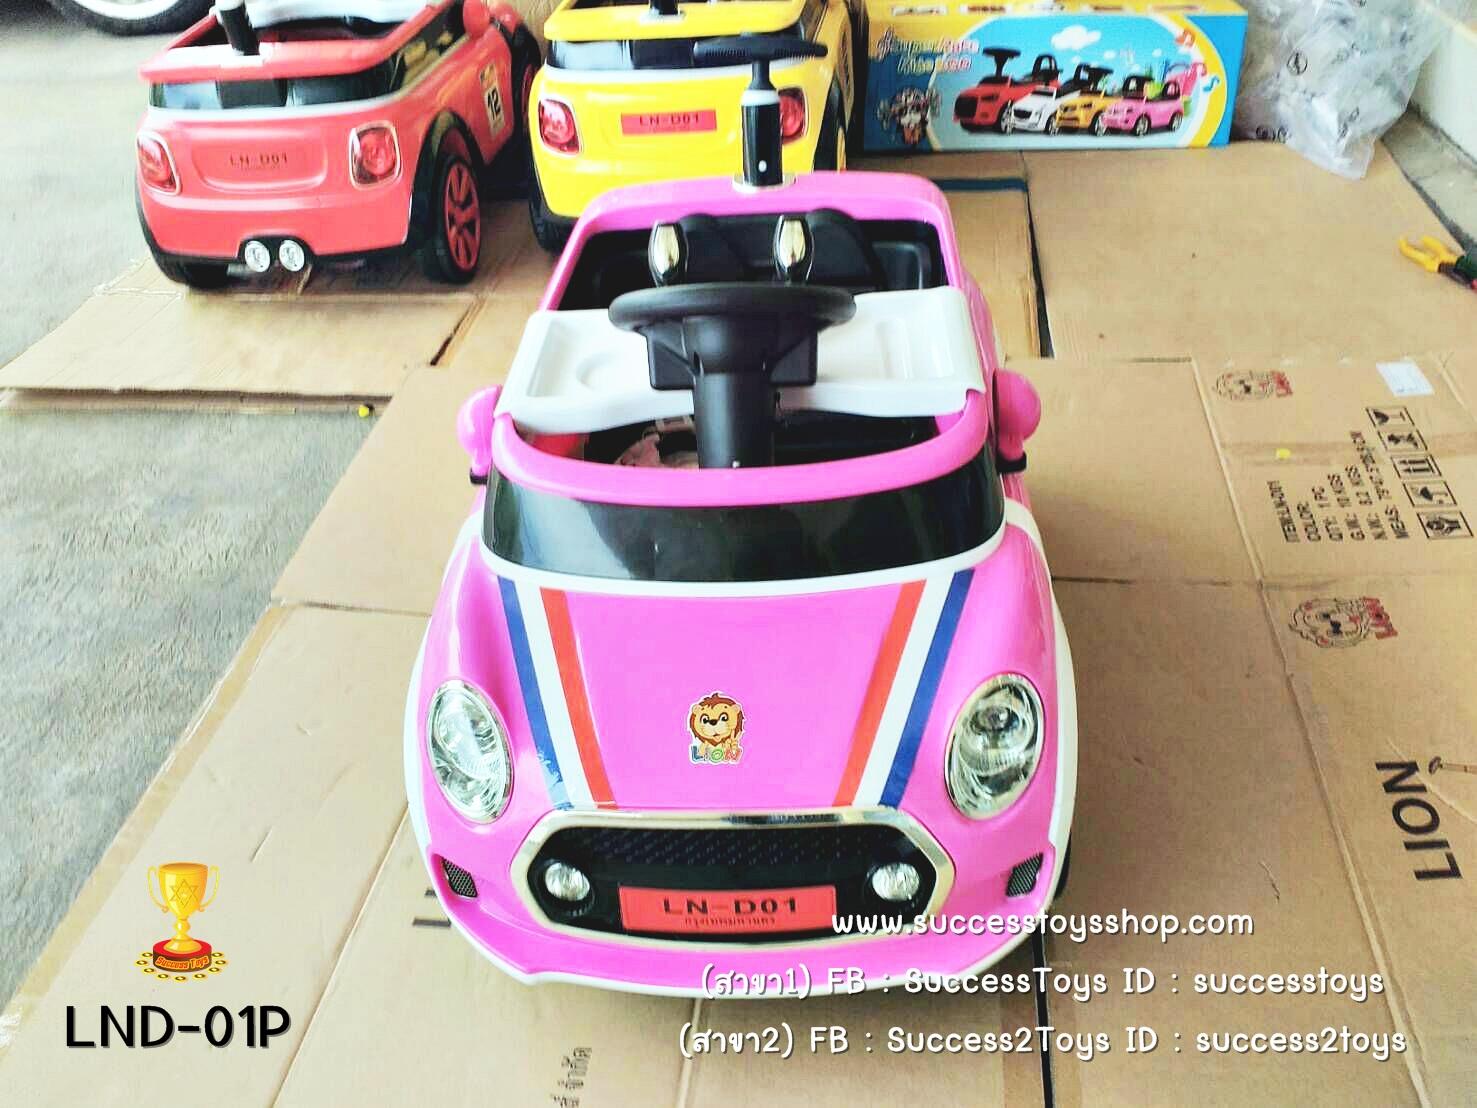 รถเก๋งมือโยกมินิคูเปอร์มีด้ามเข็มสีชมพู